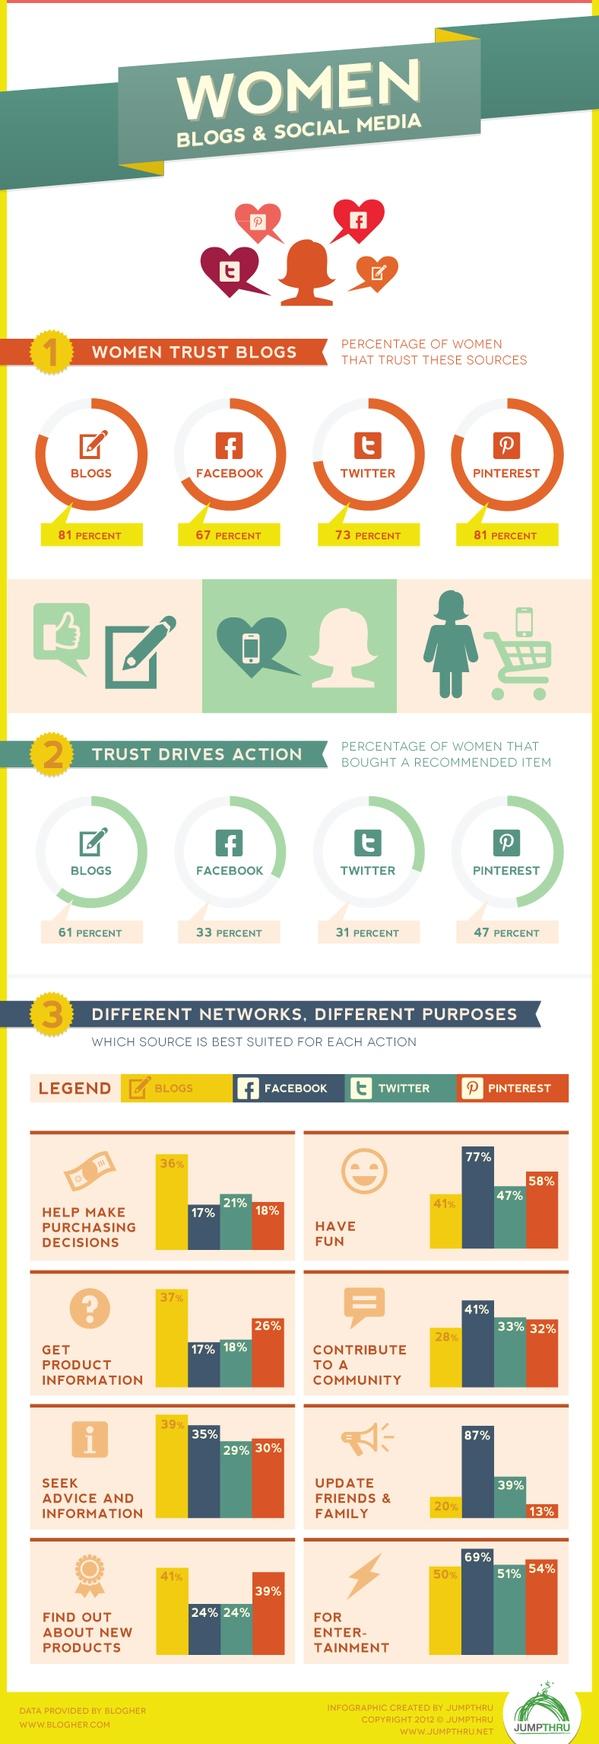 Donne e internet: perchè le donne amano i blog e non si fidano dei social media (infografica)